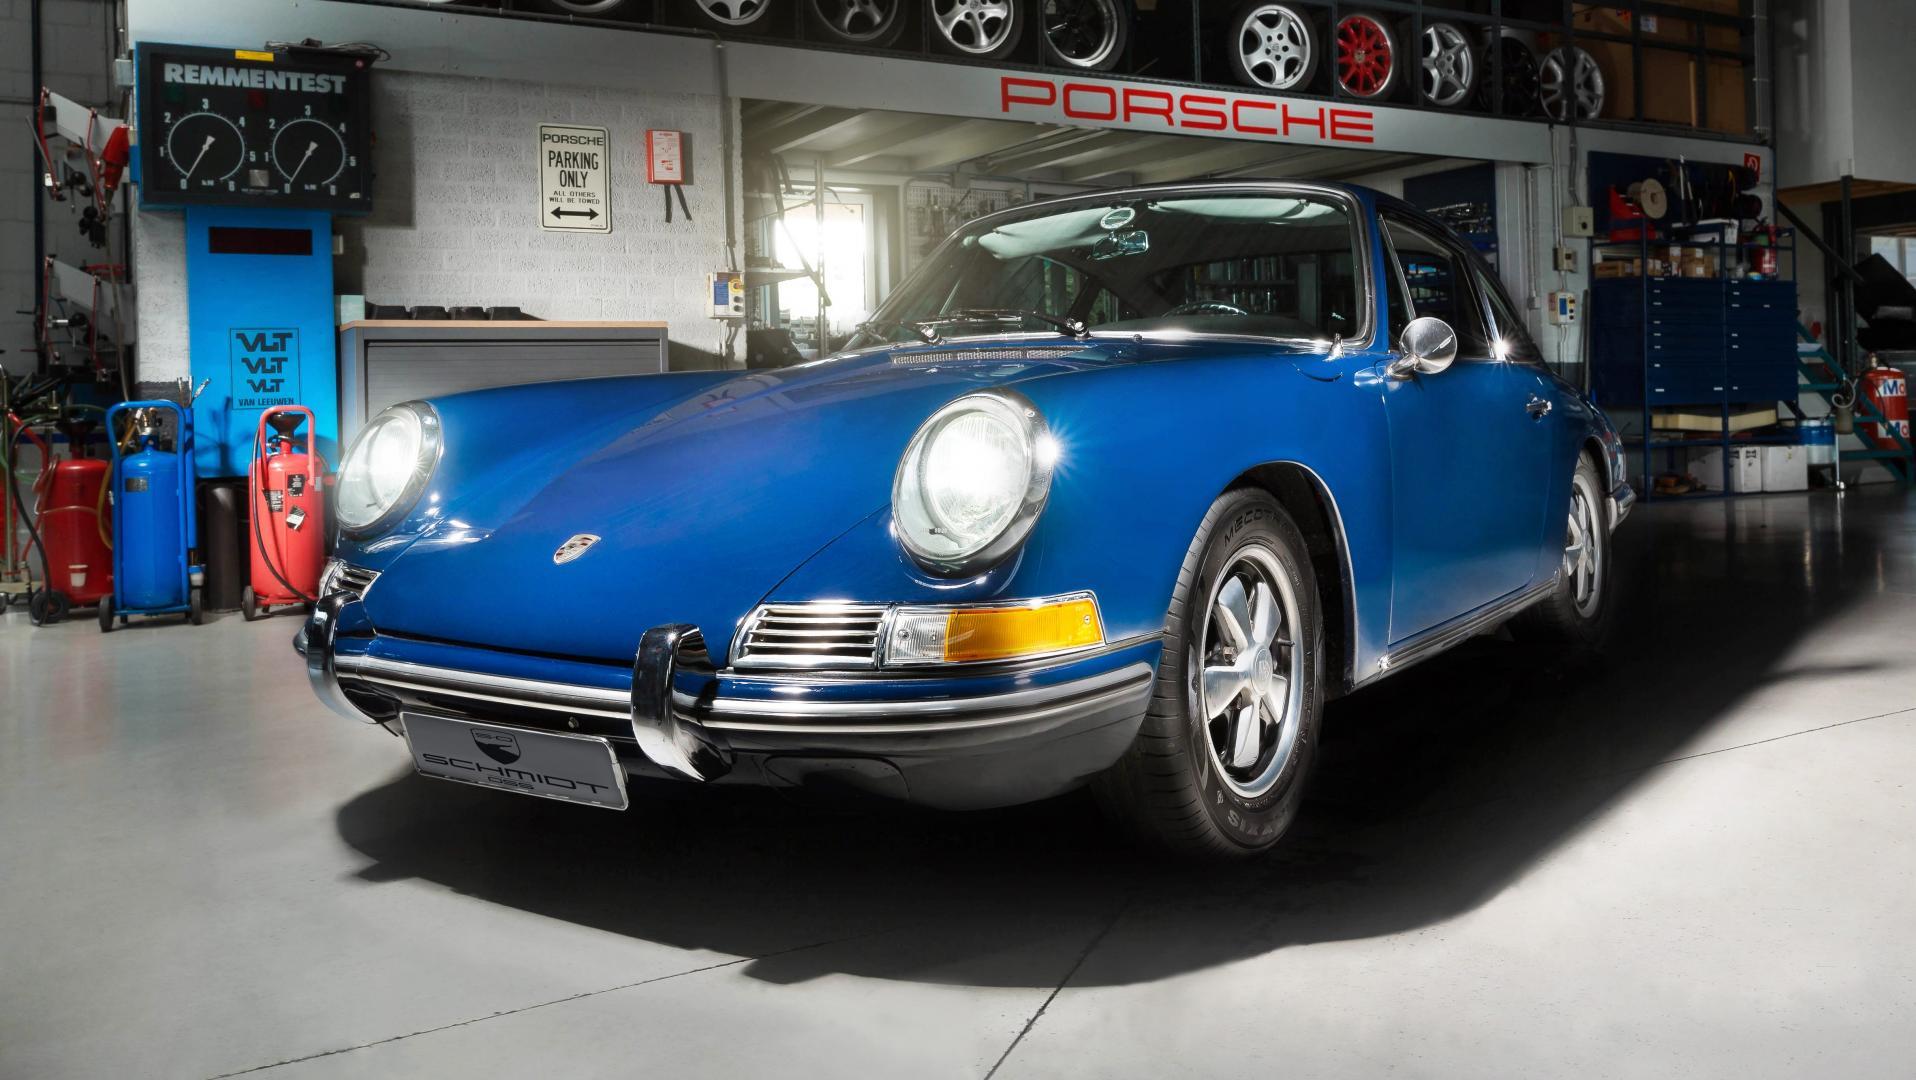 Elektrische Porsche 912 schmidt oss